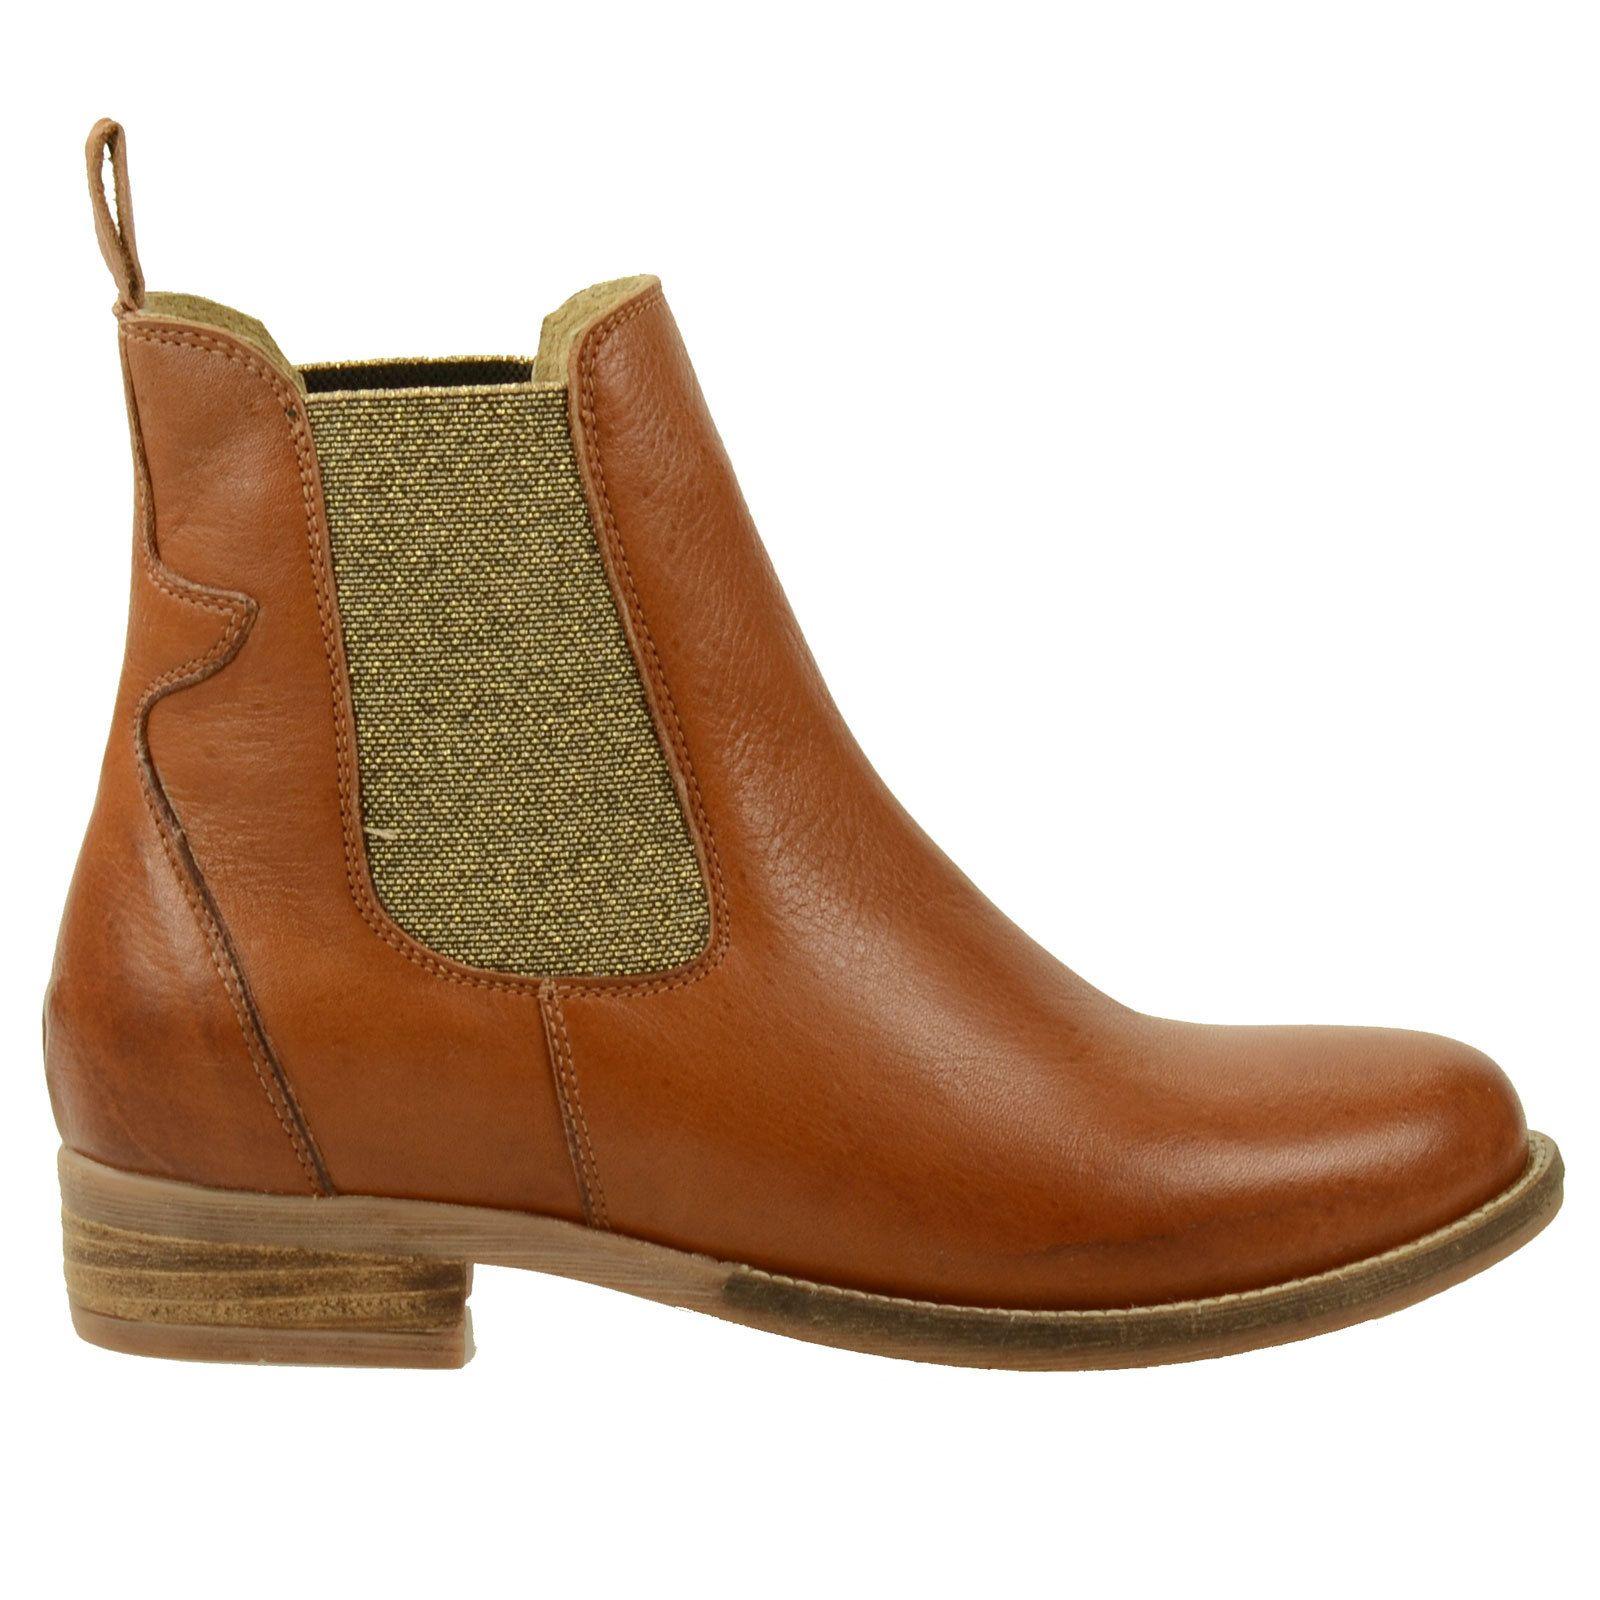 Chelsea-Boots Glitter - cognac // Damenschuhe // 89.99